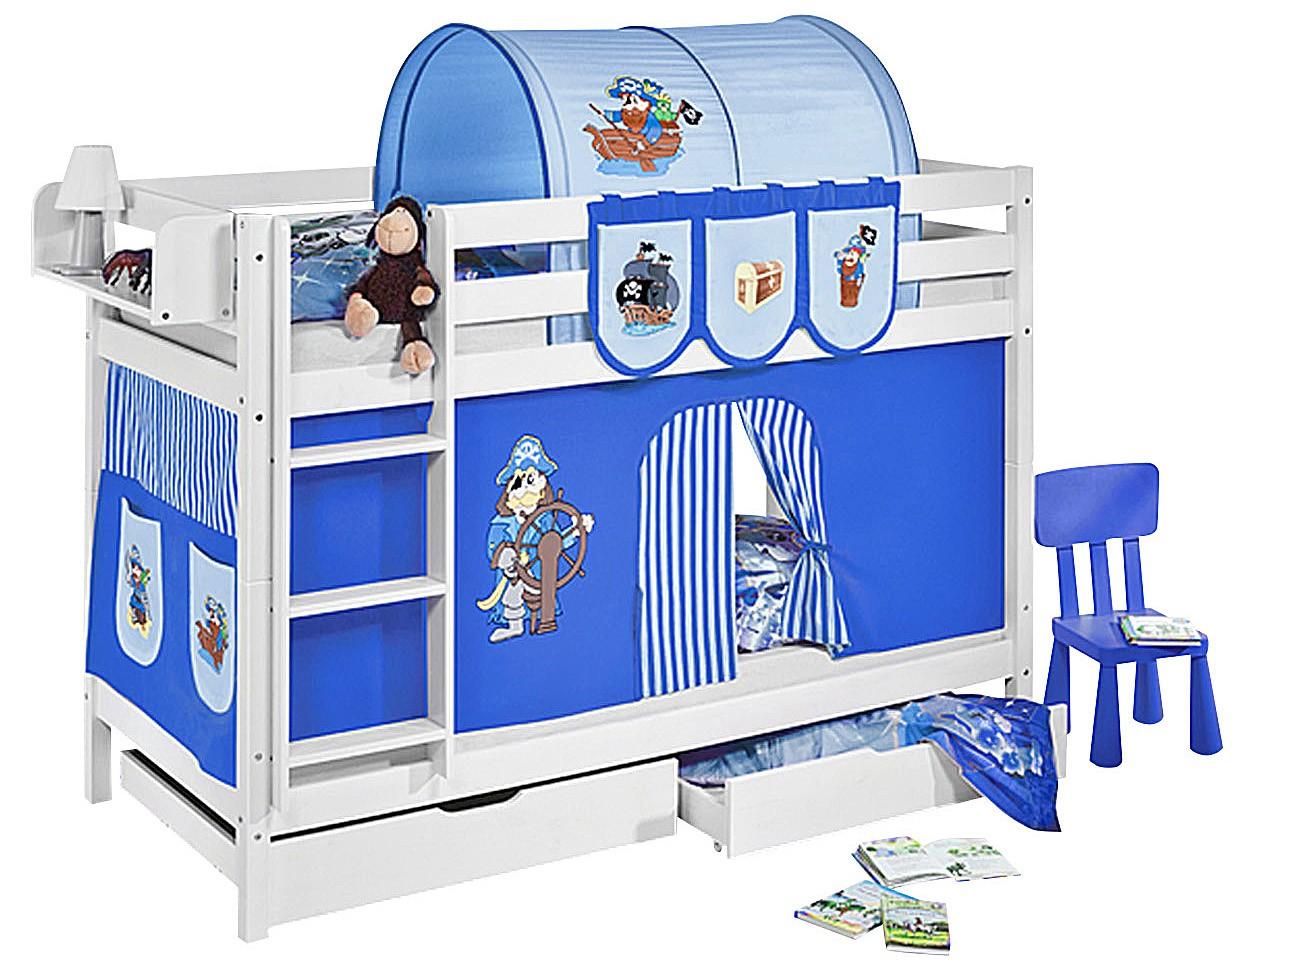 lit superposable blanc et rideau bleu pirate 90x190 cm. Black Bedroom Furniture Sets. Home Design Ideas